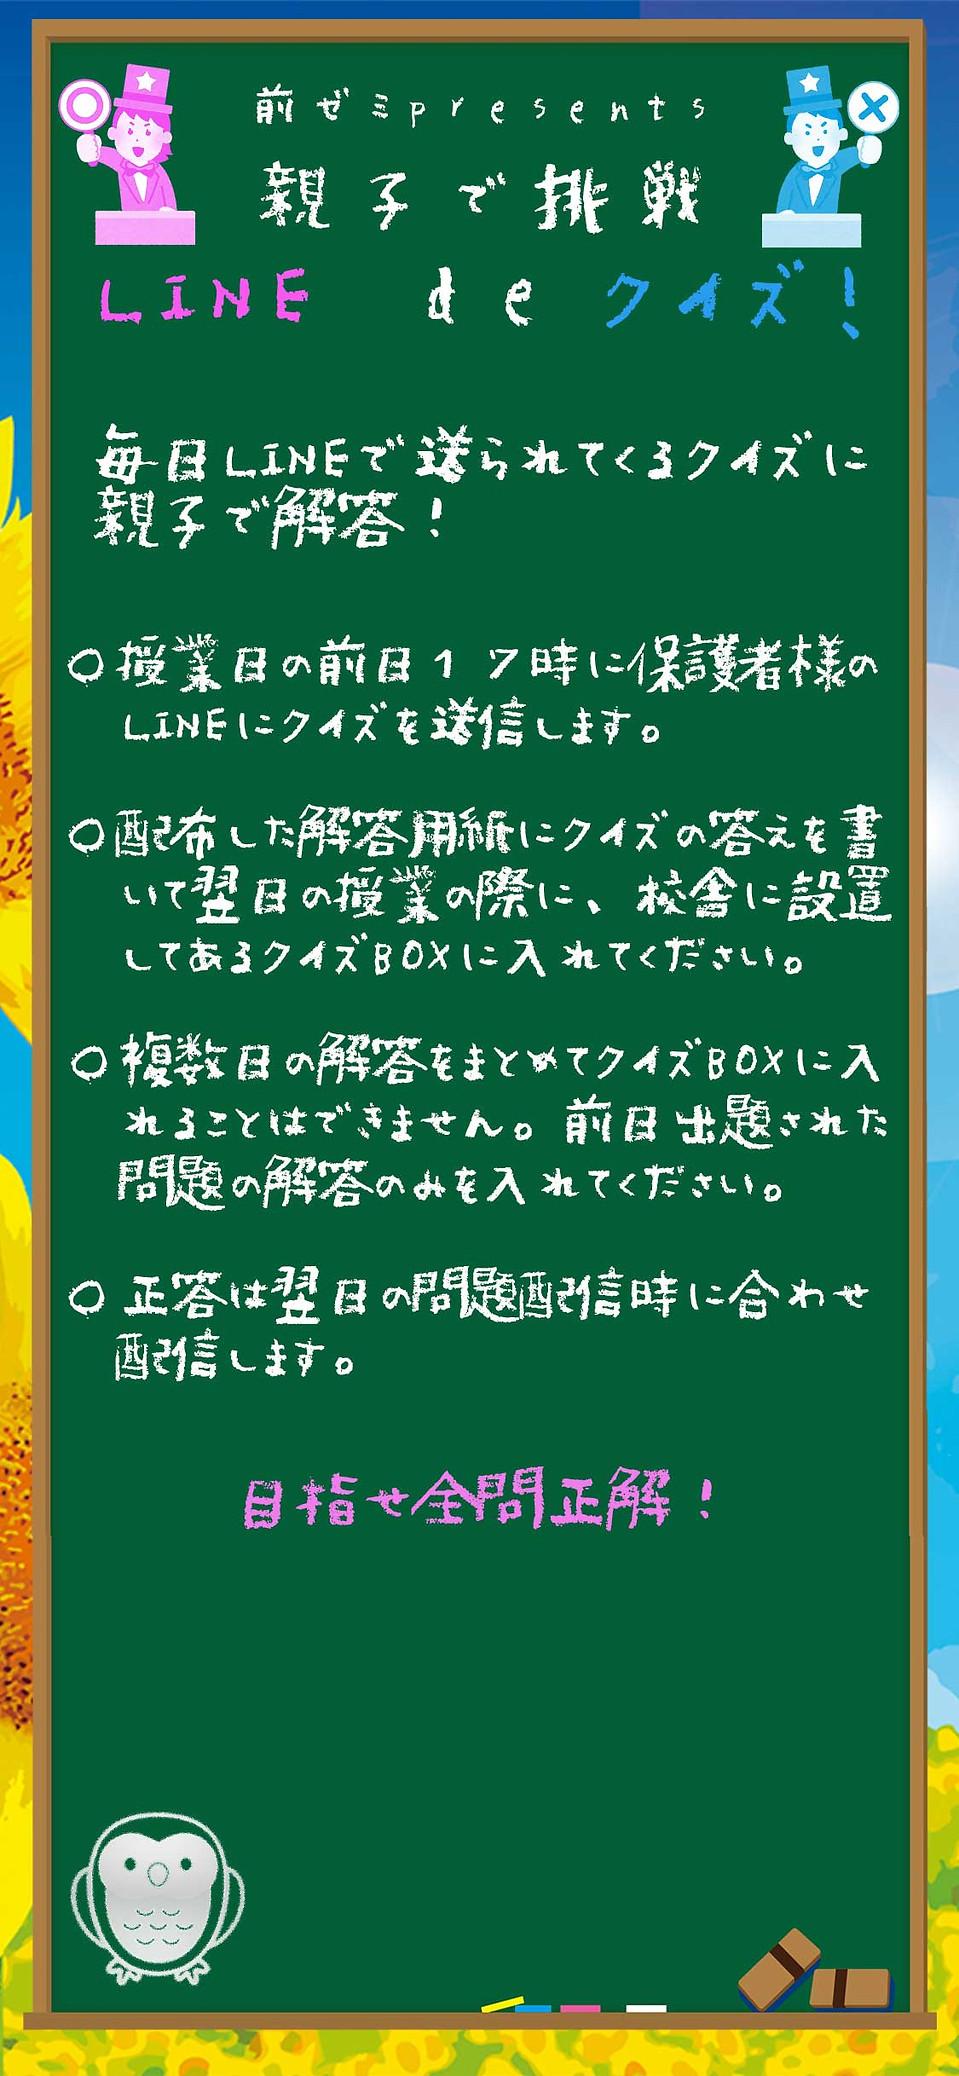 LINEでクイズスマホ2.jpg